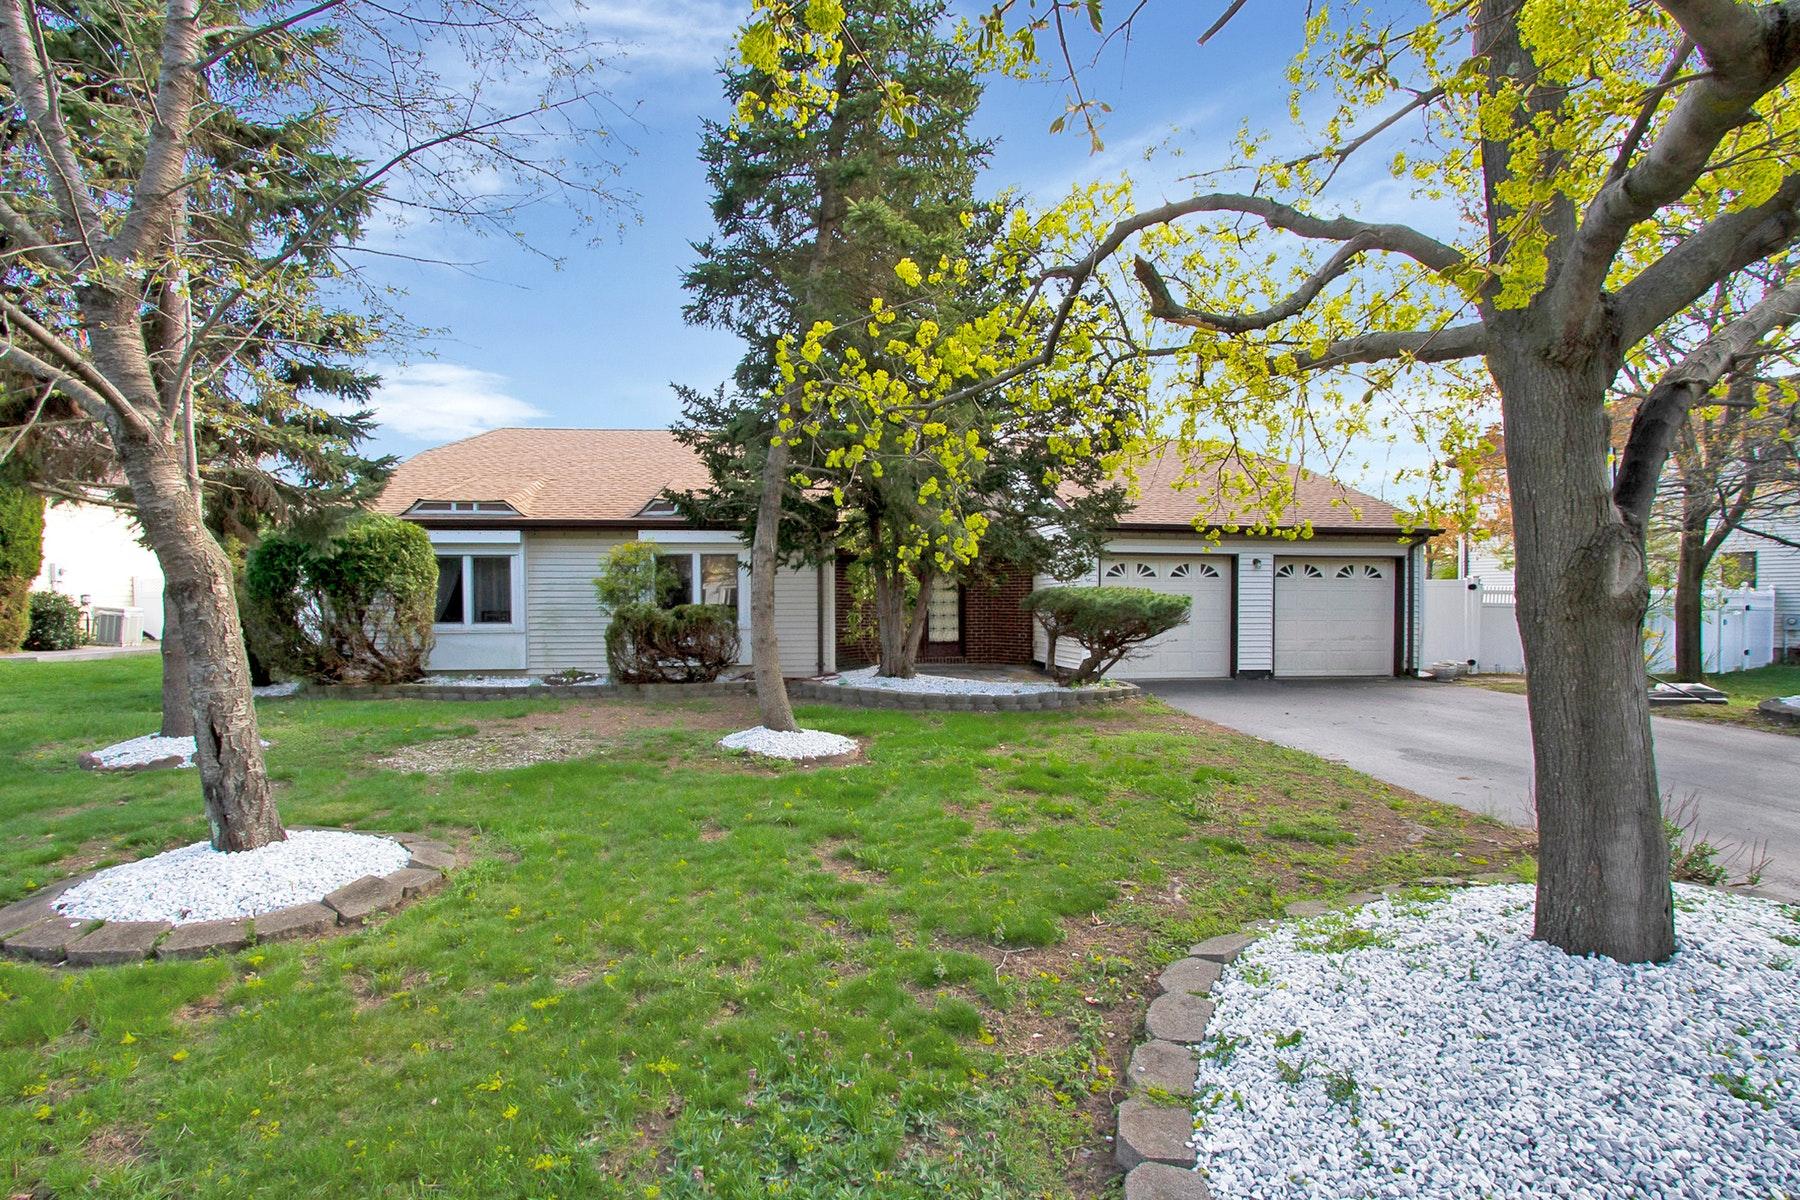 Maison unifamiliale pour l Vente à Charming Ranch in Desirable Meadowood Estates 20 Hawthorne Avenue, Holmdel, New Jersey 07733 États-Unis